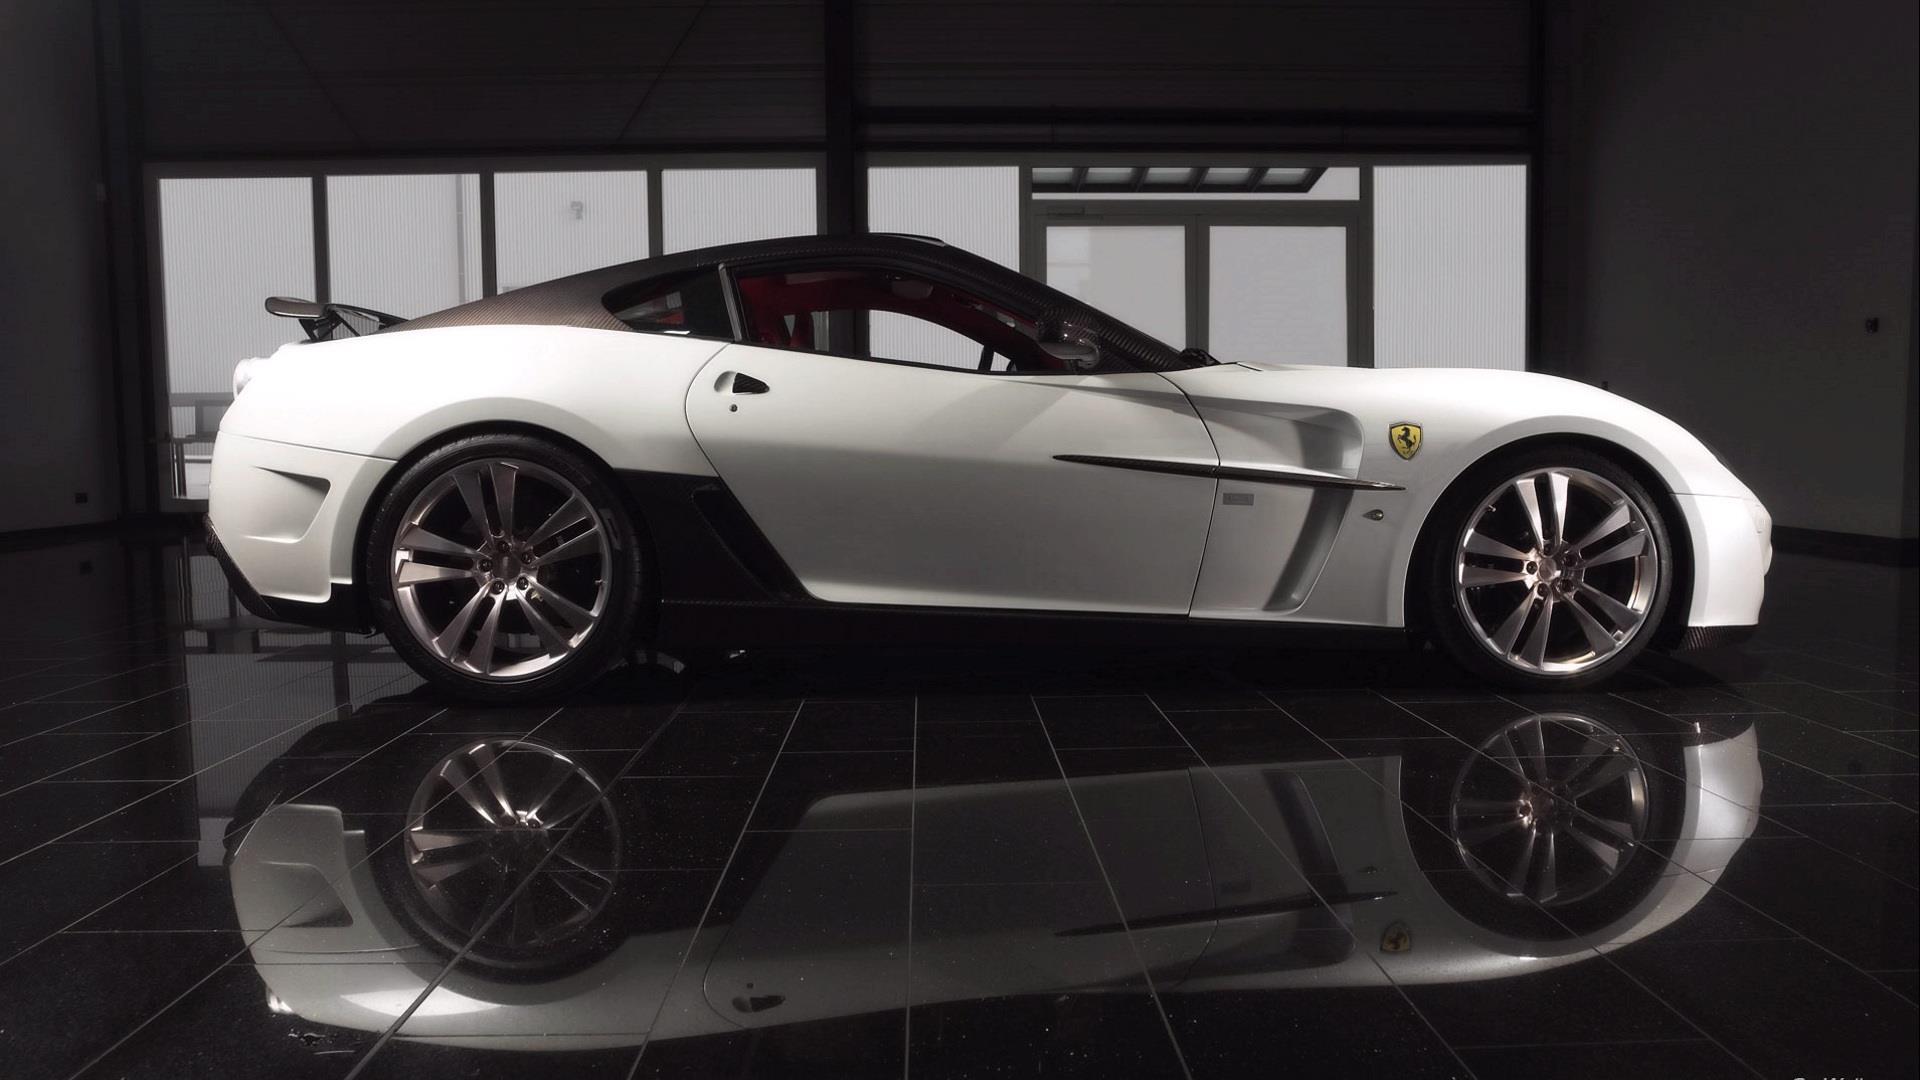 blanc-ferrari-automobile-de-luxe-passion_12